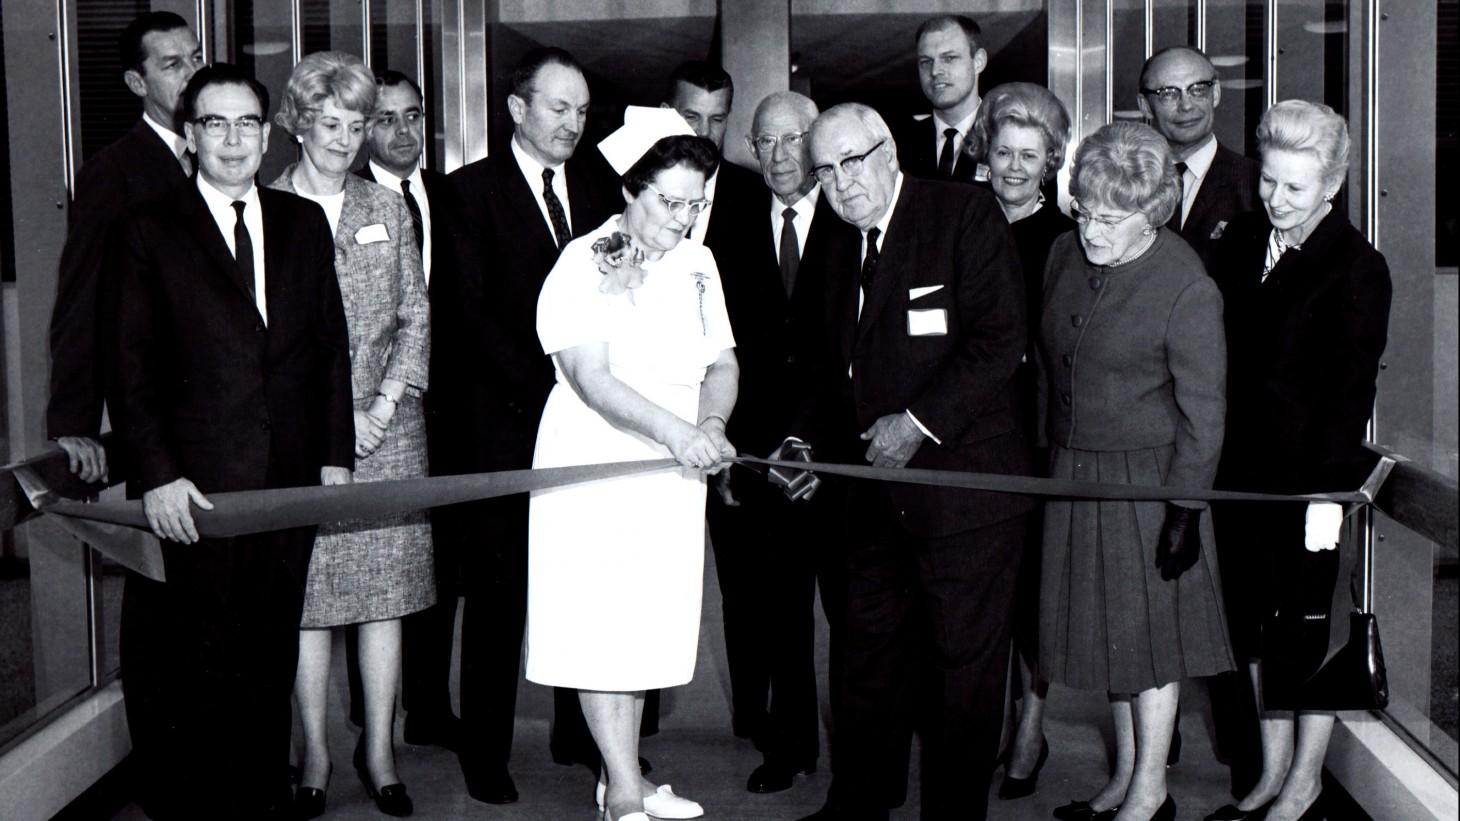 A nurse and group of dignitaries at a ribbon cutting